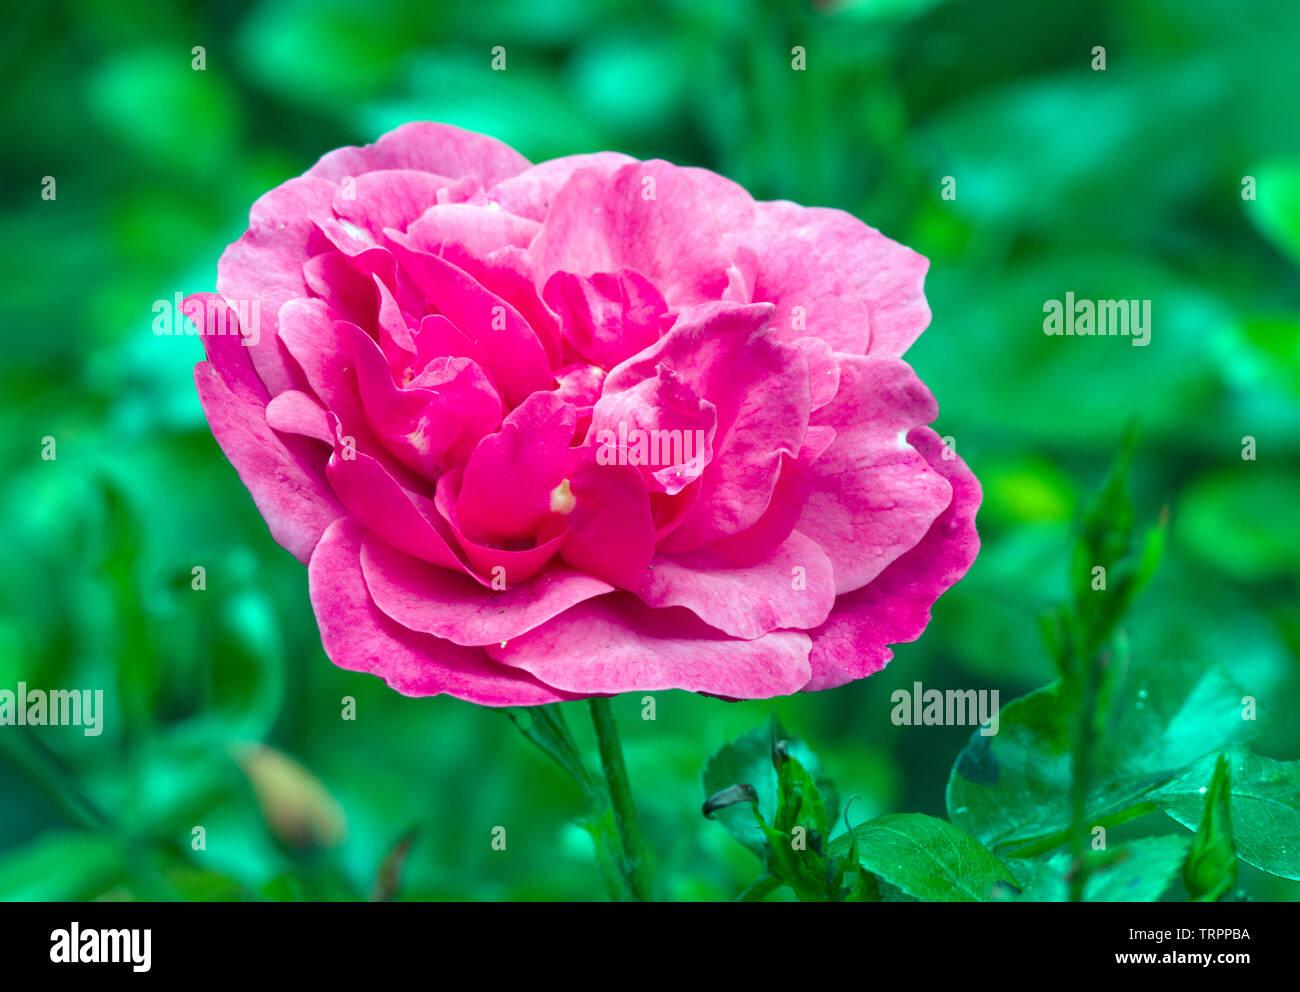 Rose Les Amoureux De Peynet Foto Imagen De Stock